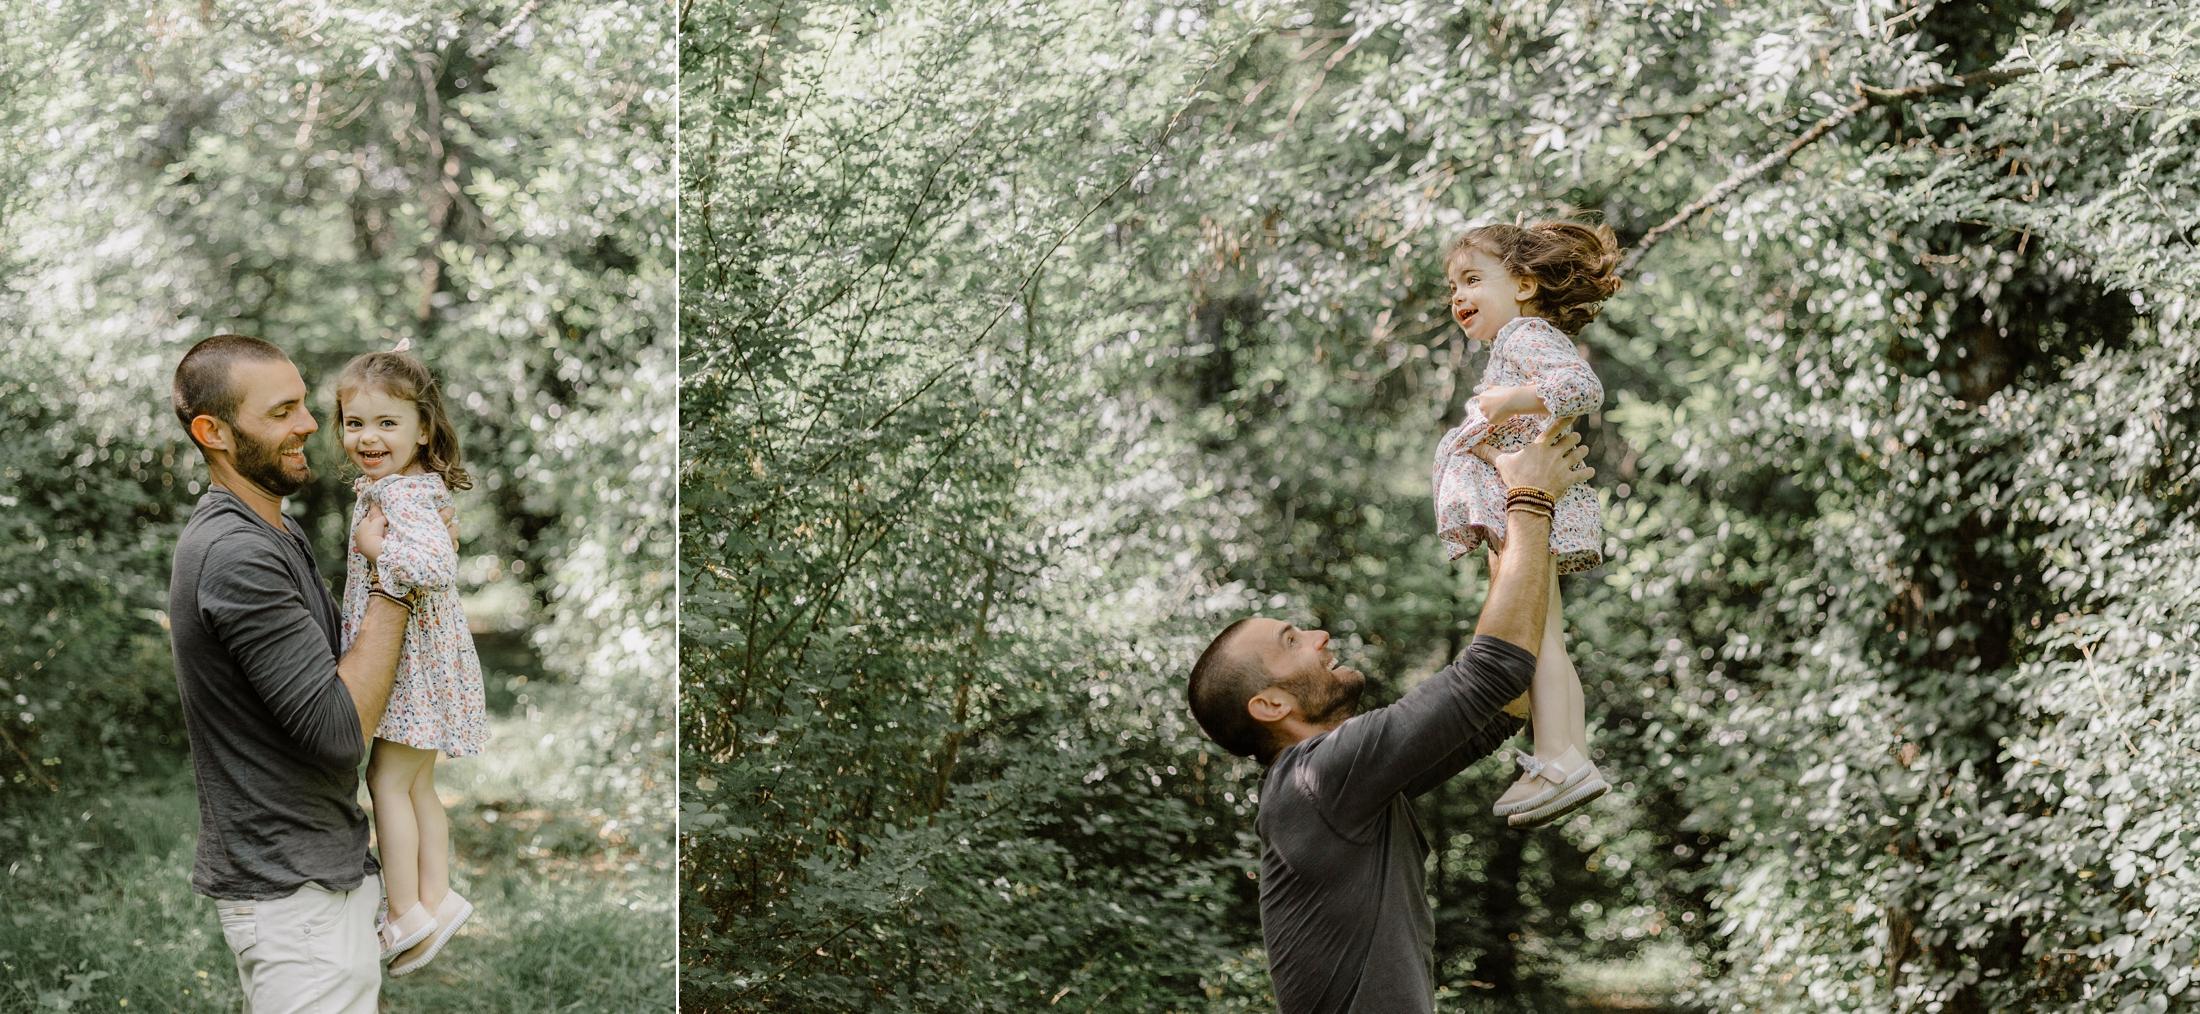 Séance photo père fille à Bordeaux en famille par Jade Sequeval